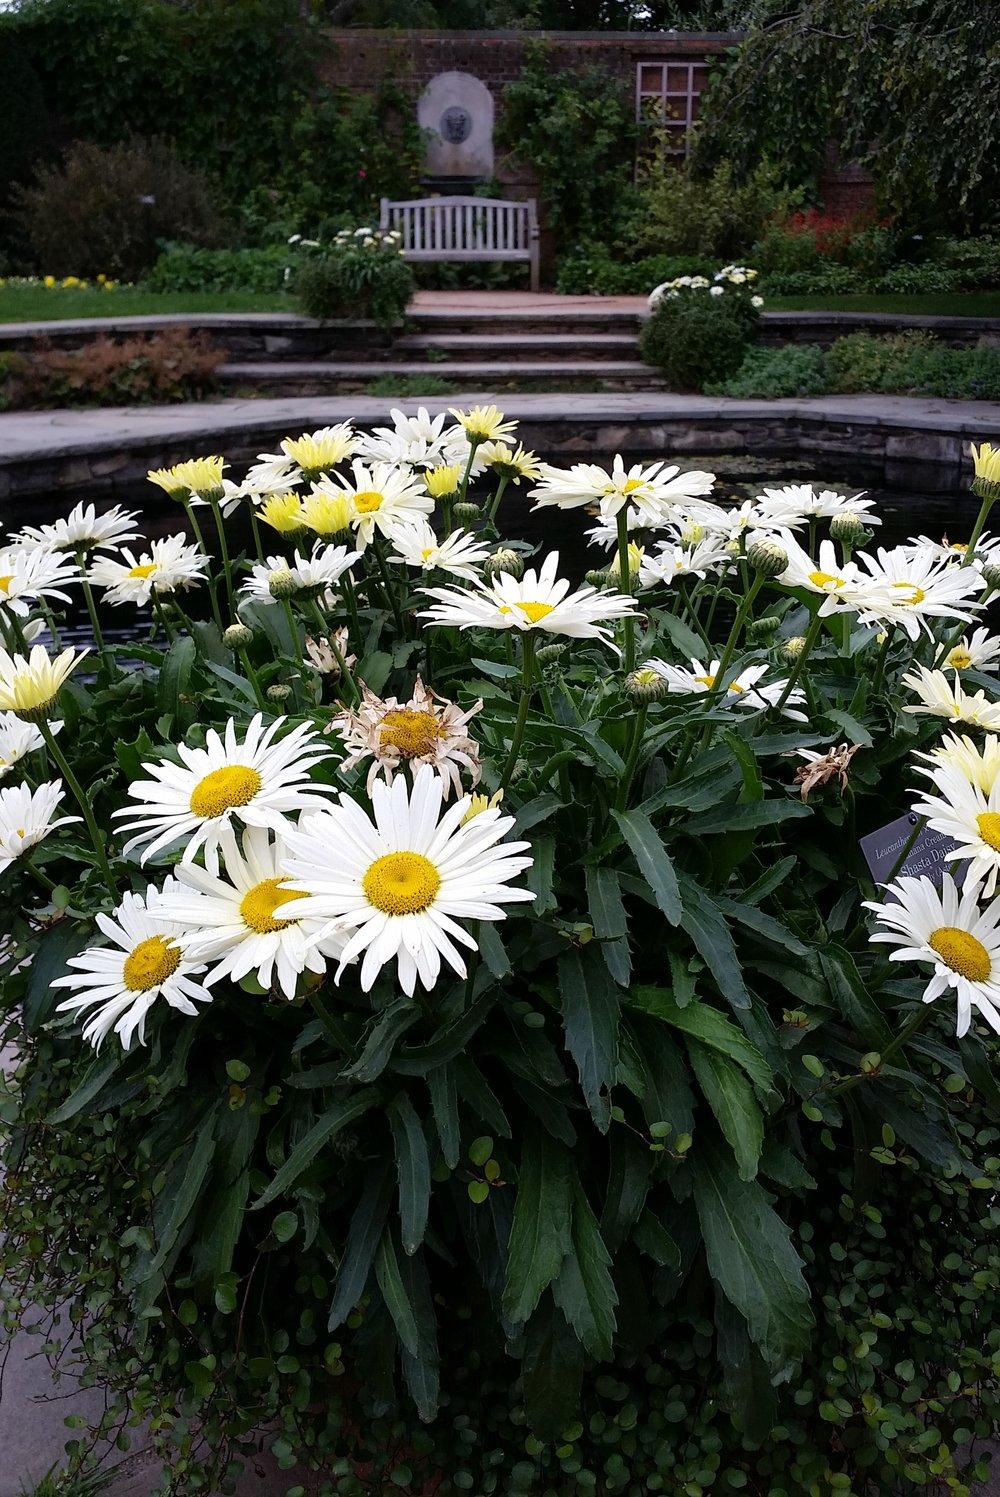 Chicago Botanic Garden; Photo by Laura Wasson Warfel